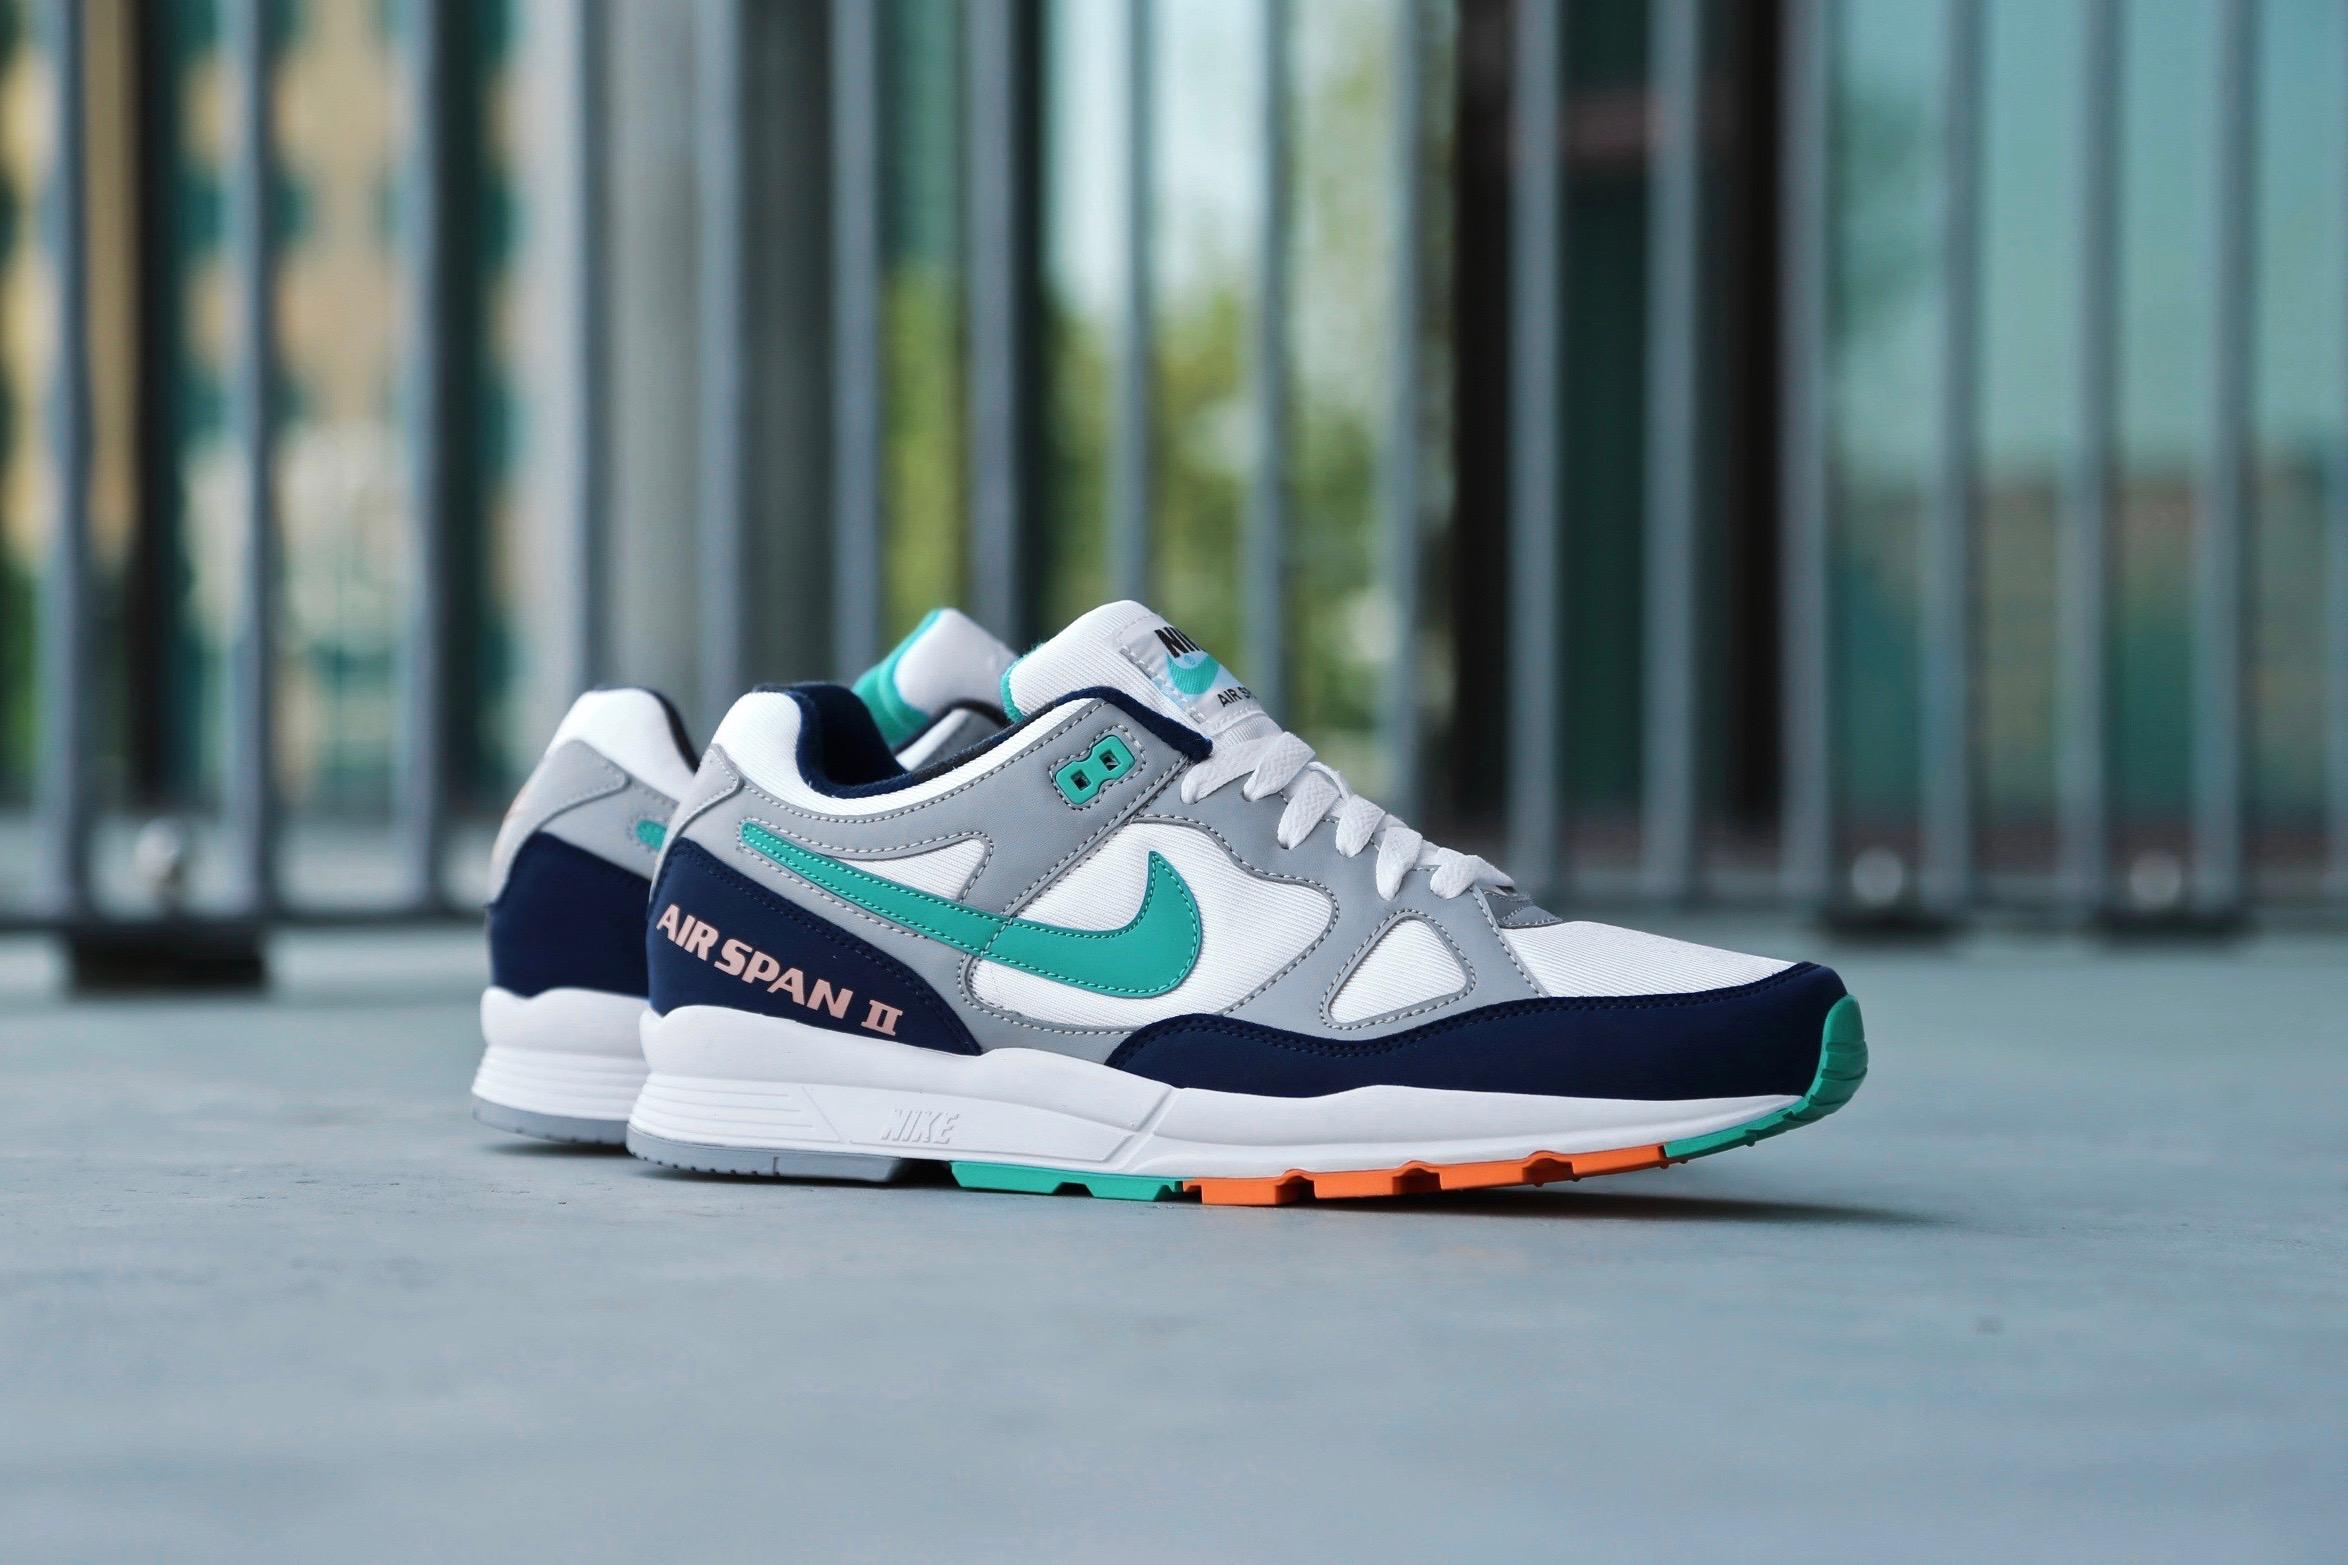 buy online 07969 a5b65 Nike Air Span II – Wolf Grey  Kinetic Green – STASP